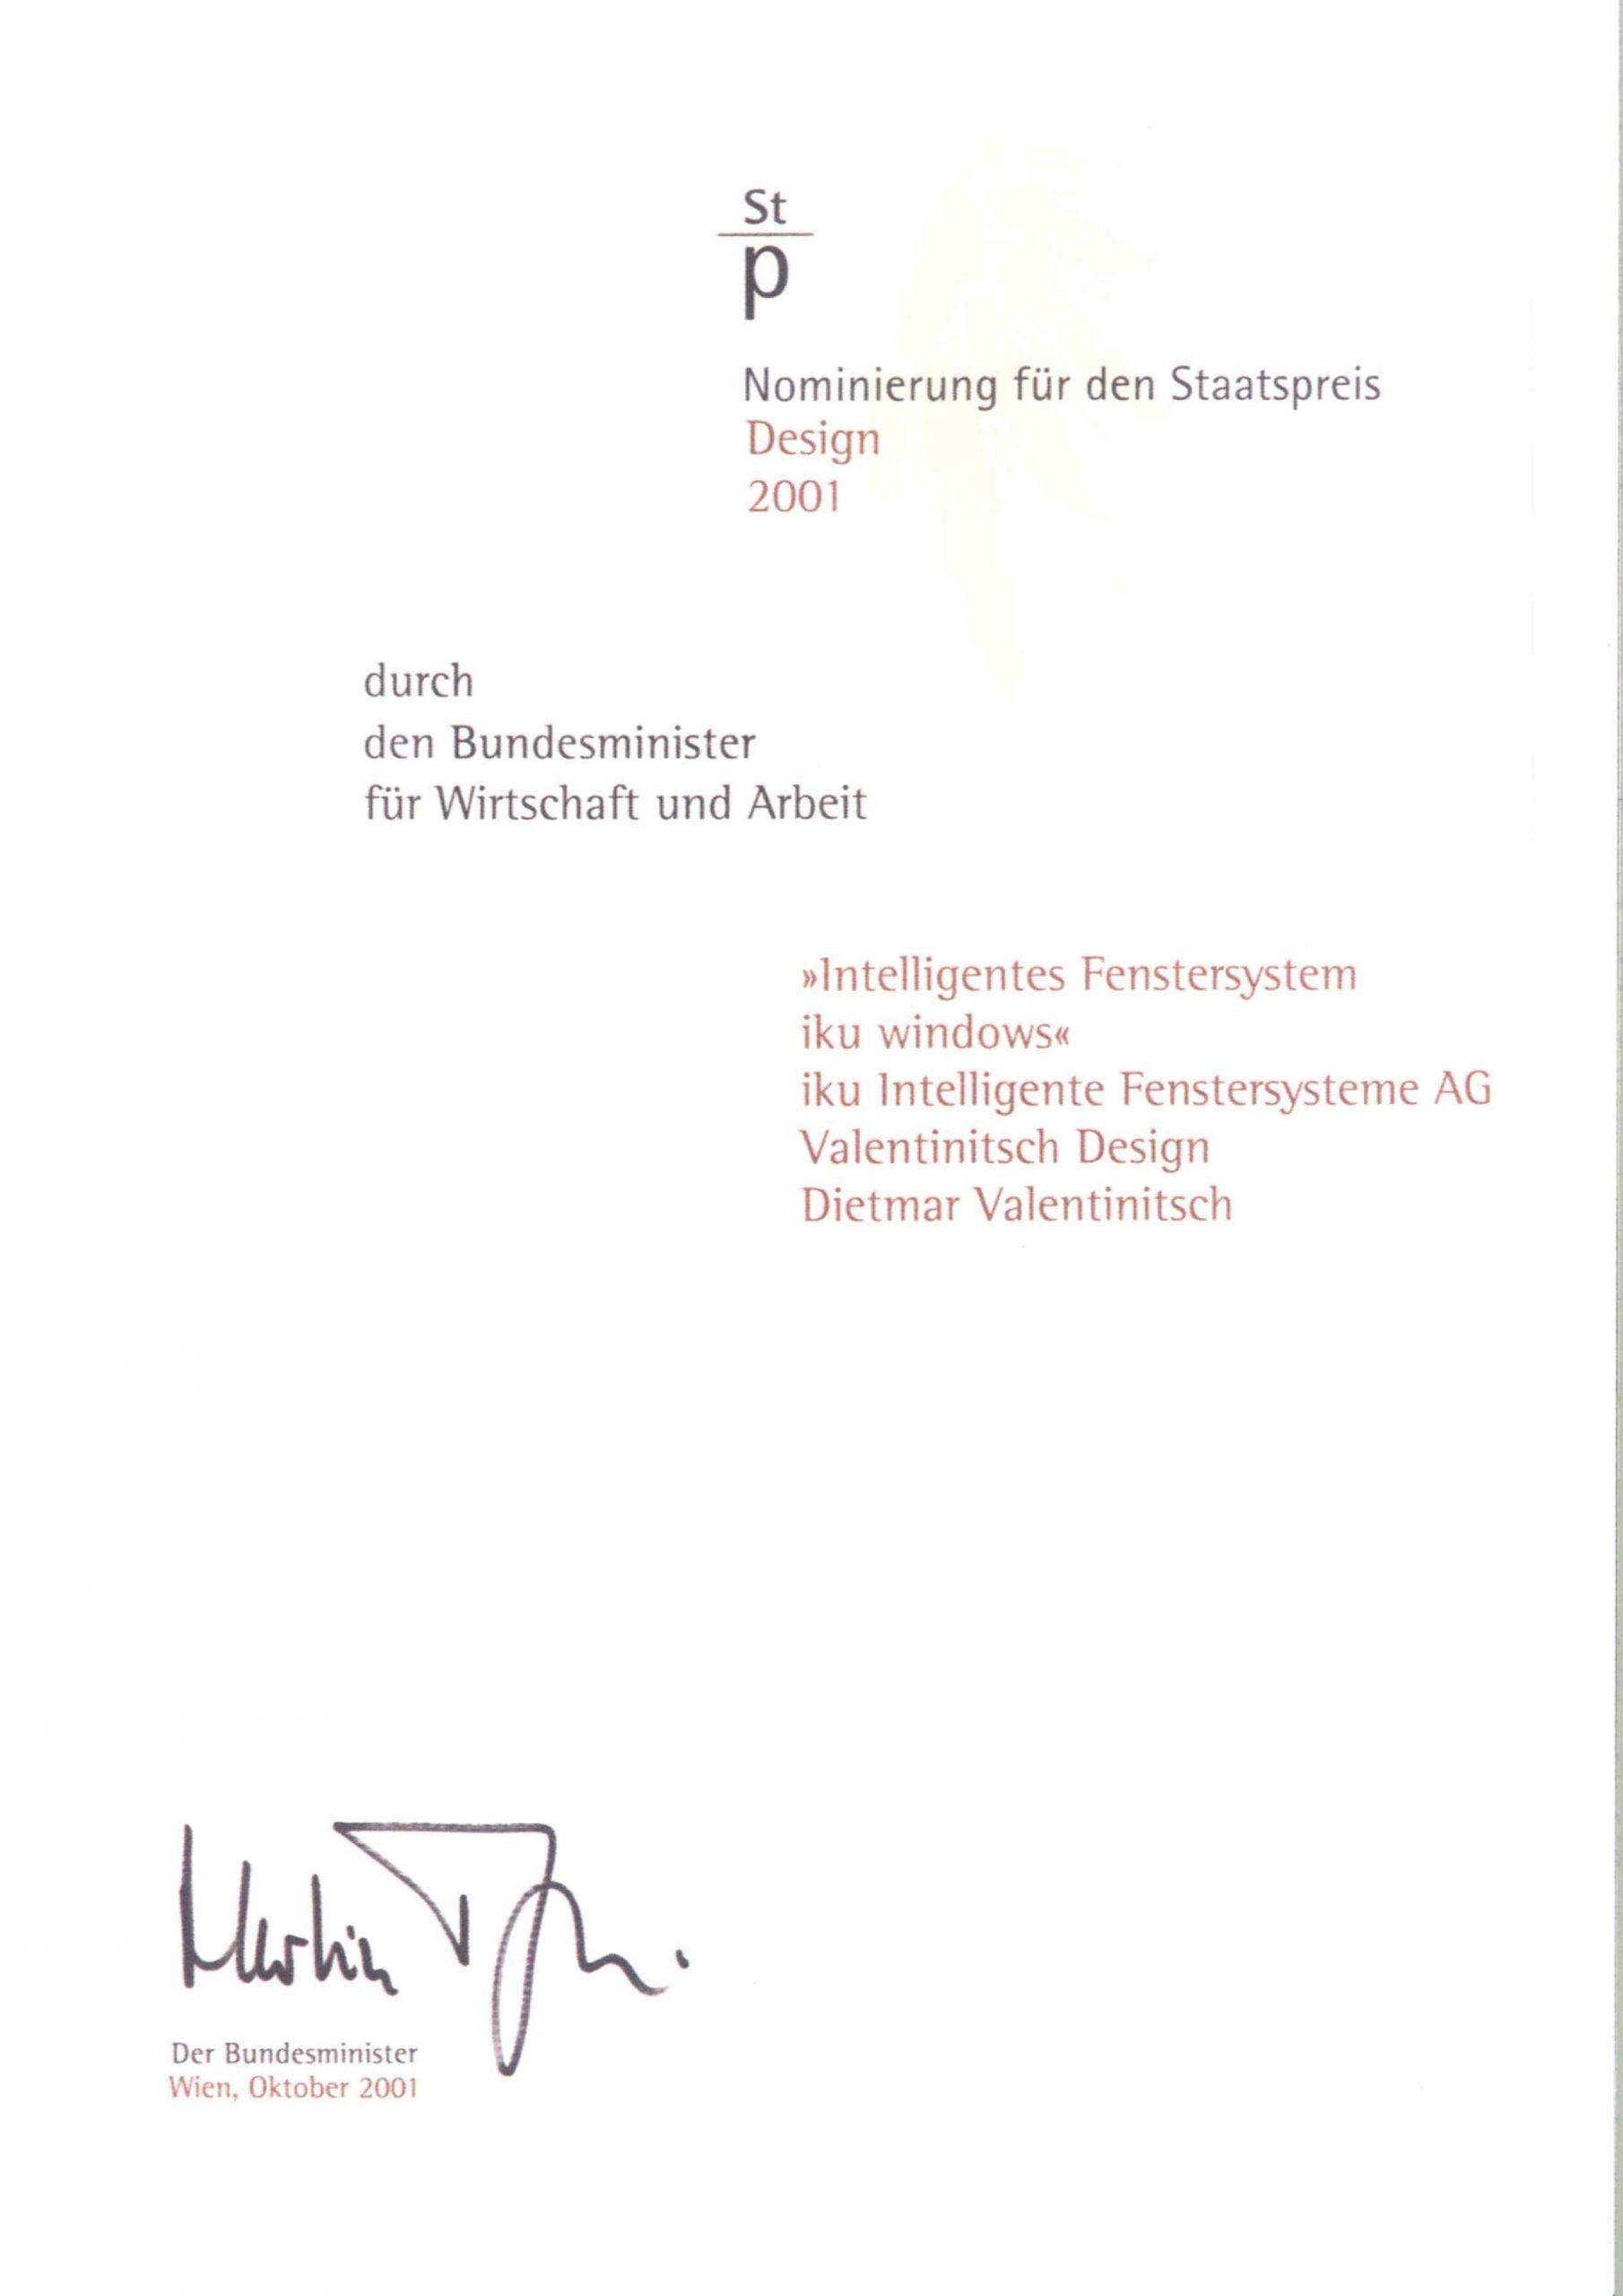 Österreichischer Staatspreis 2001